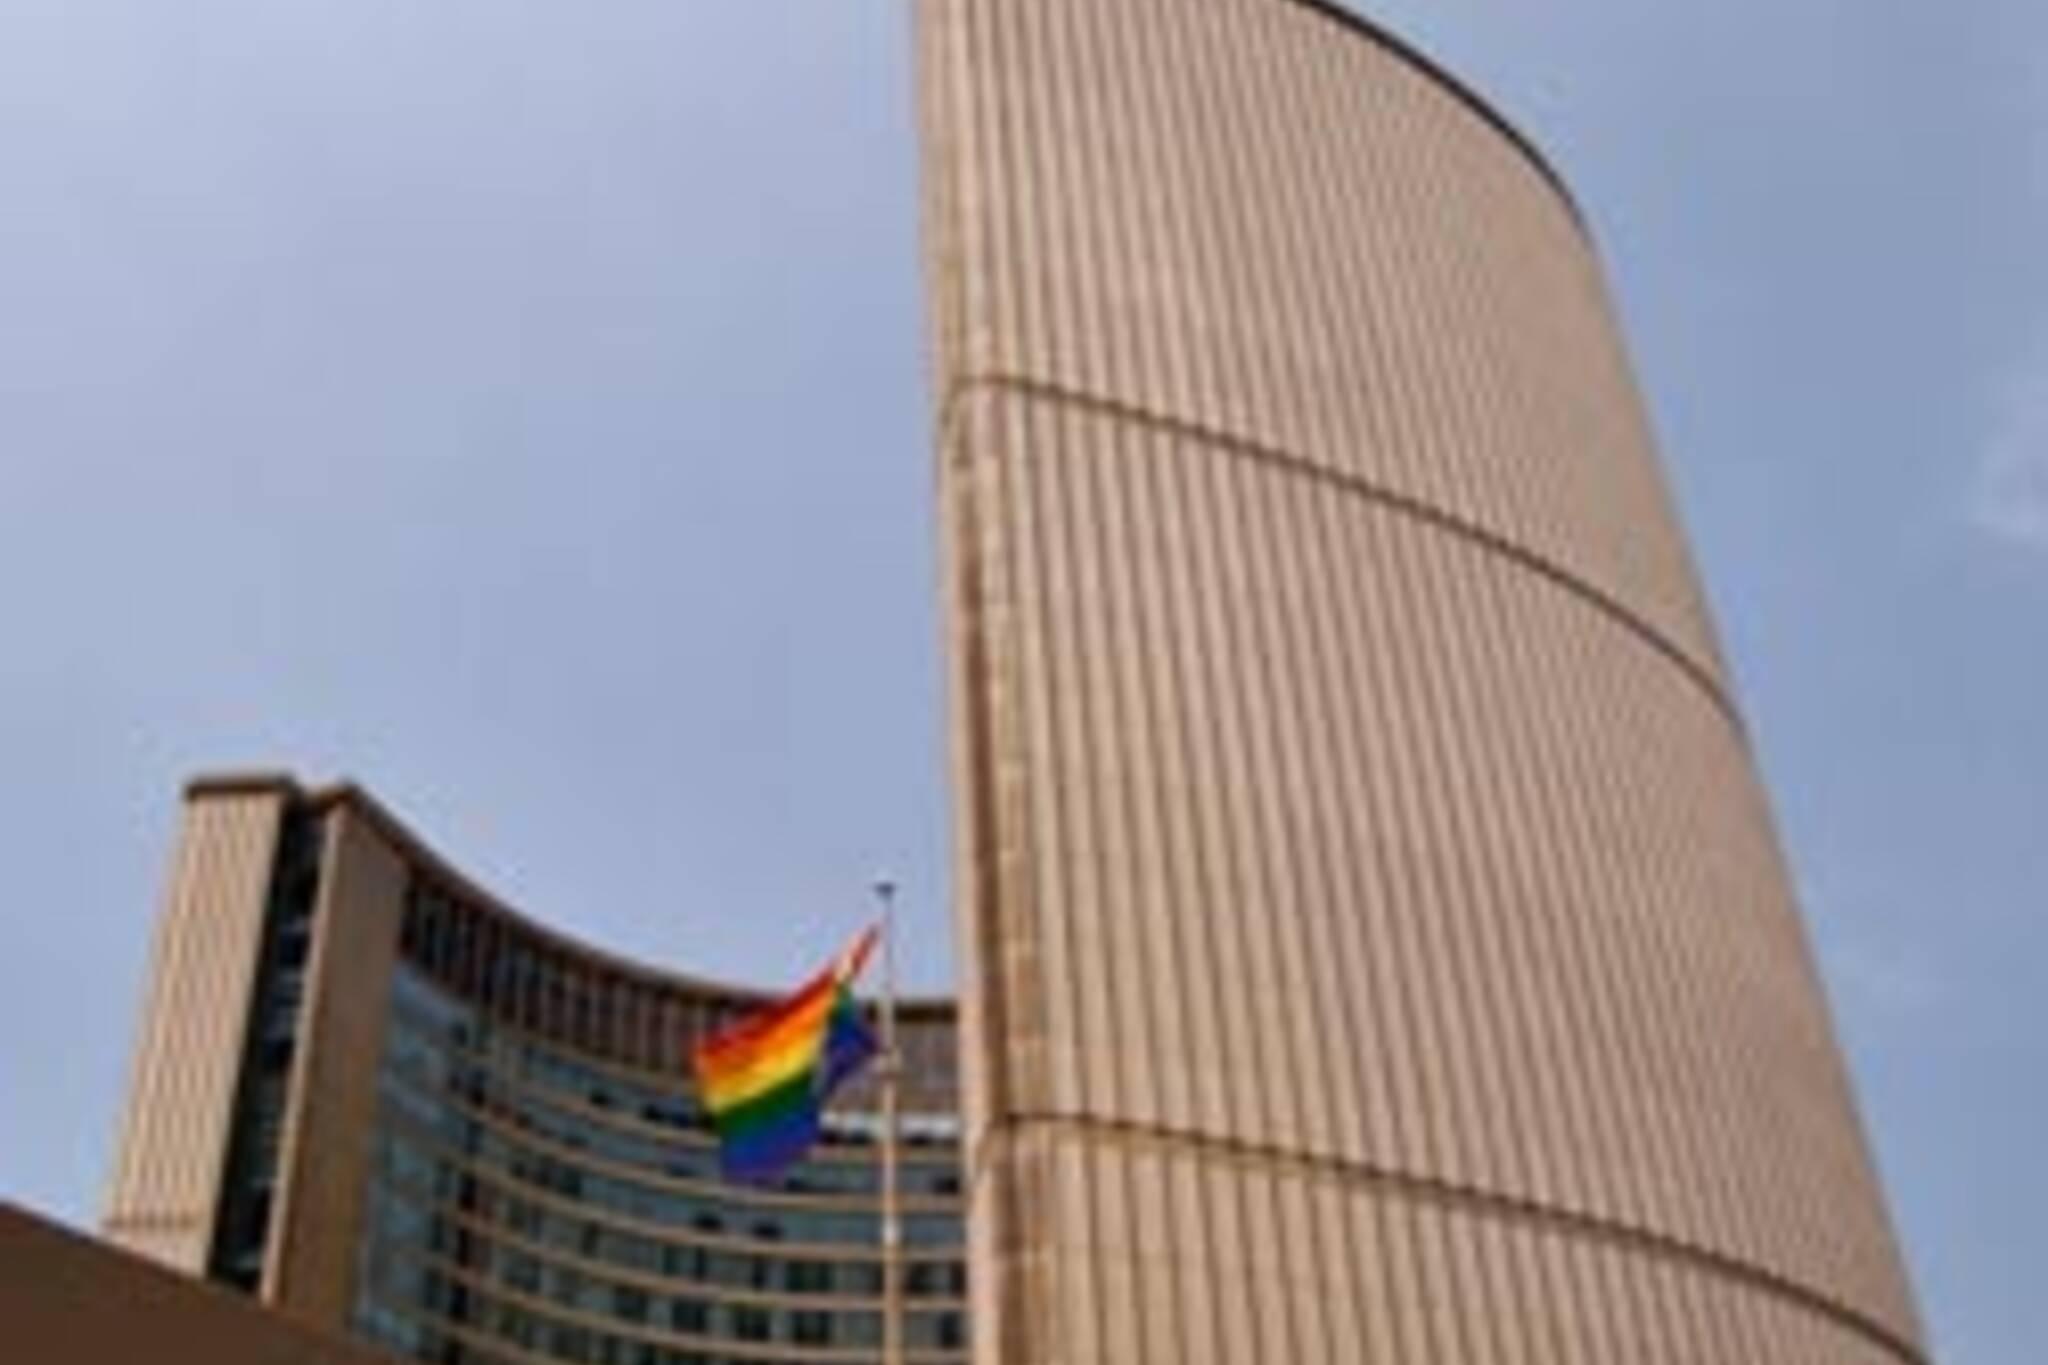 20070618_pride1.jpg